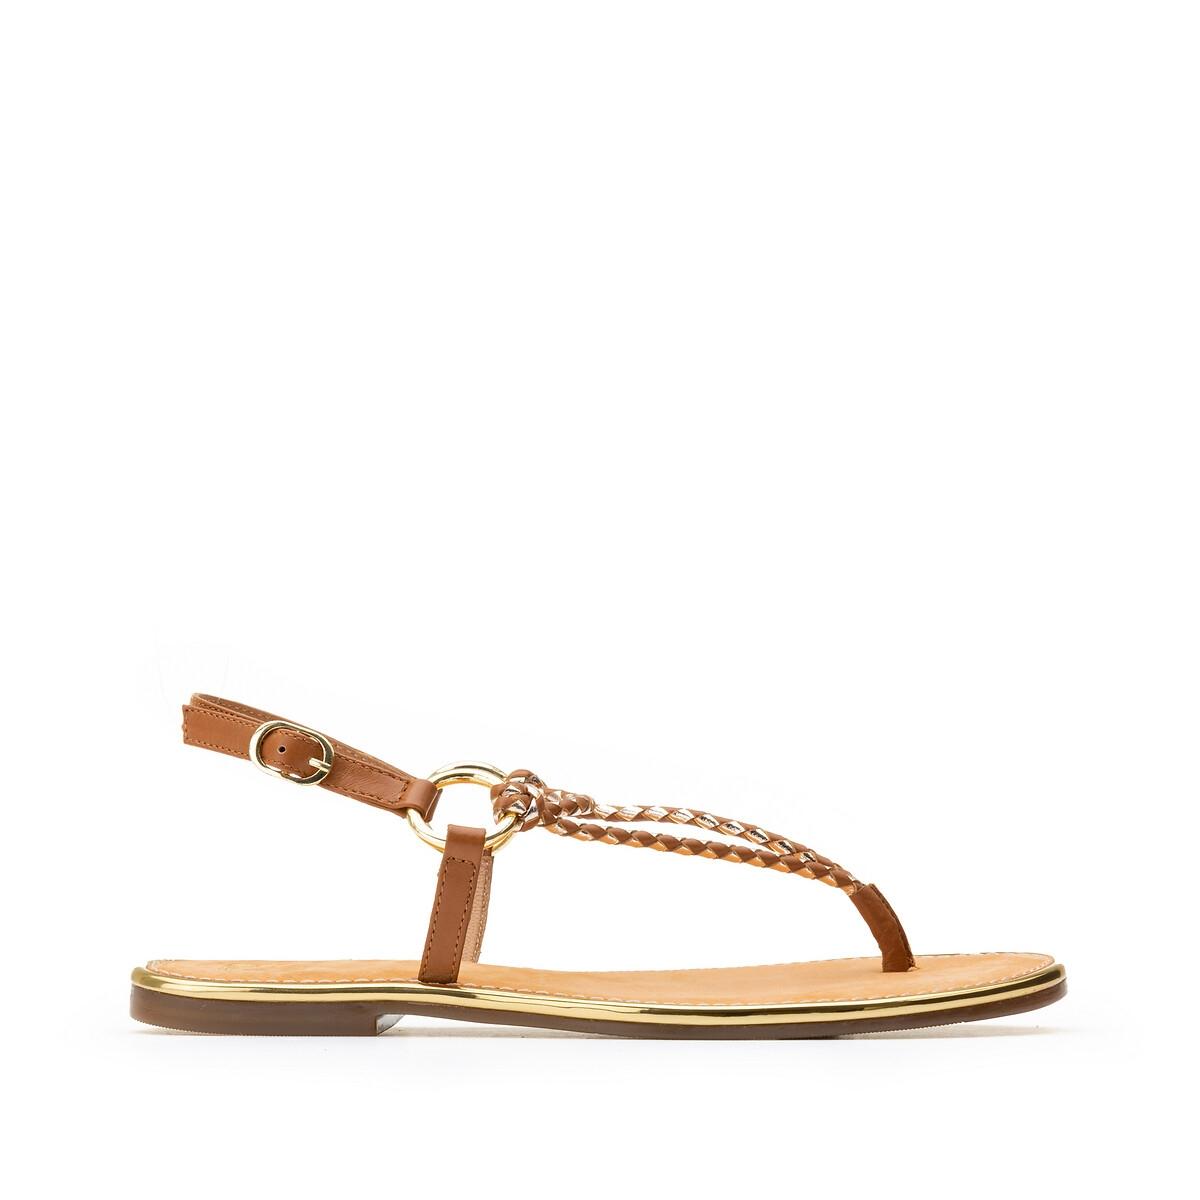 Sandalias de piel con suela plana